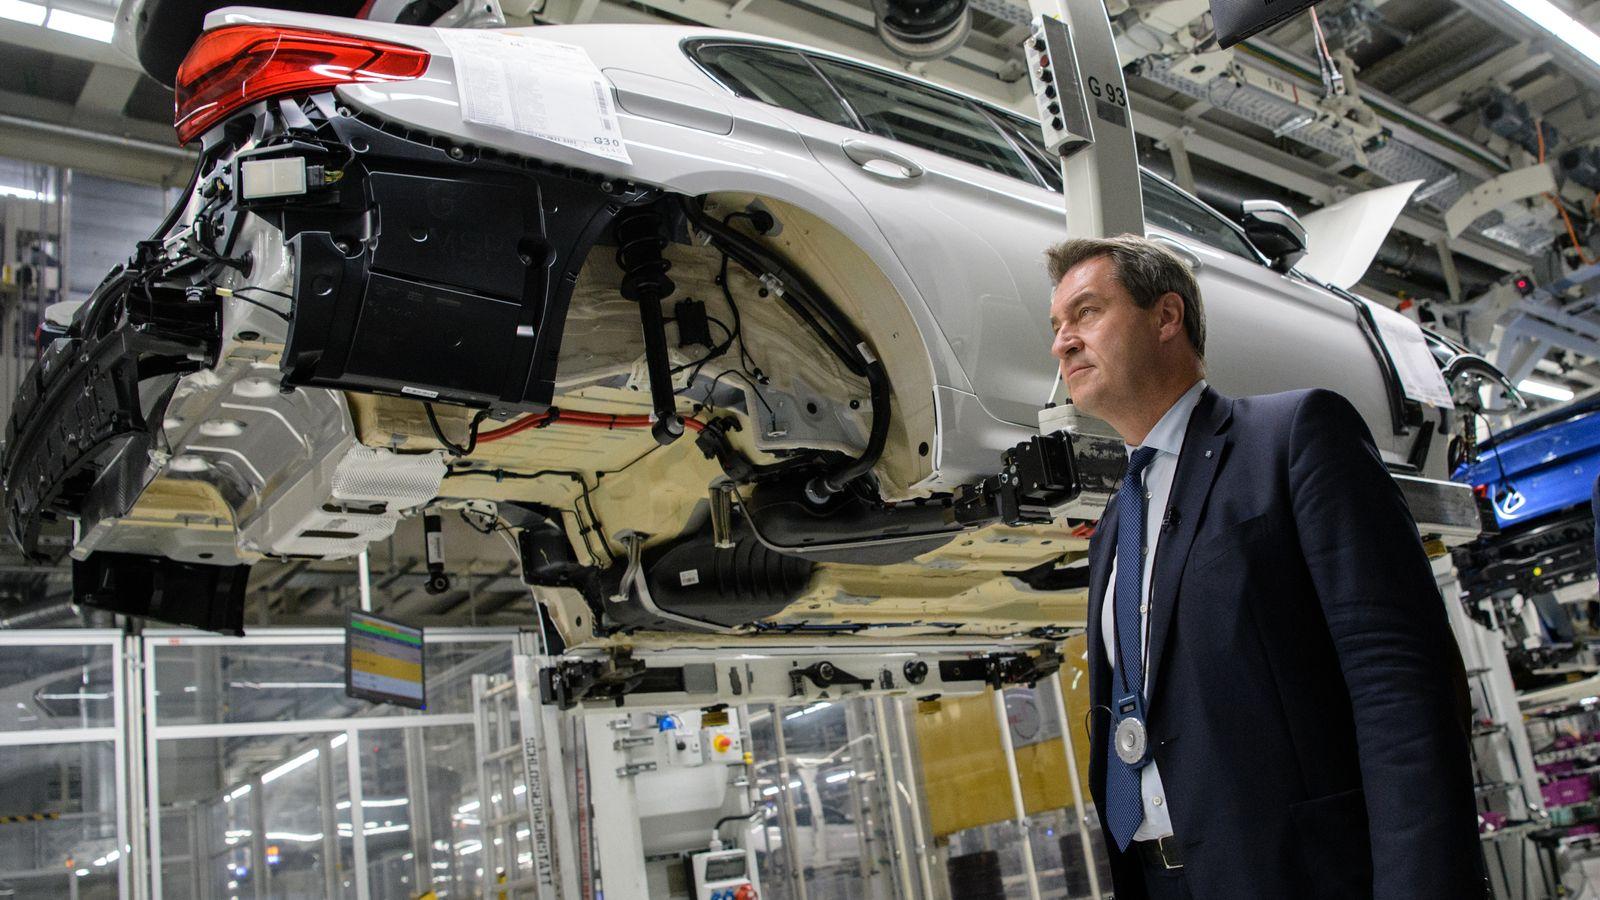 #Bayern: Grüner #Fahrzeuggipfel zu #Elektroauto und #Wasserstoff